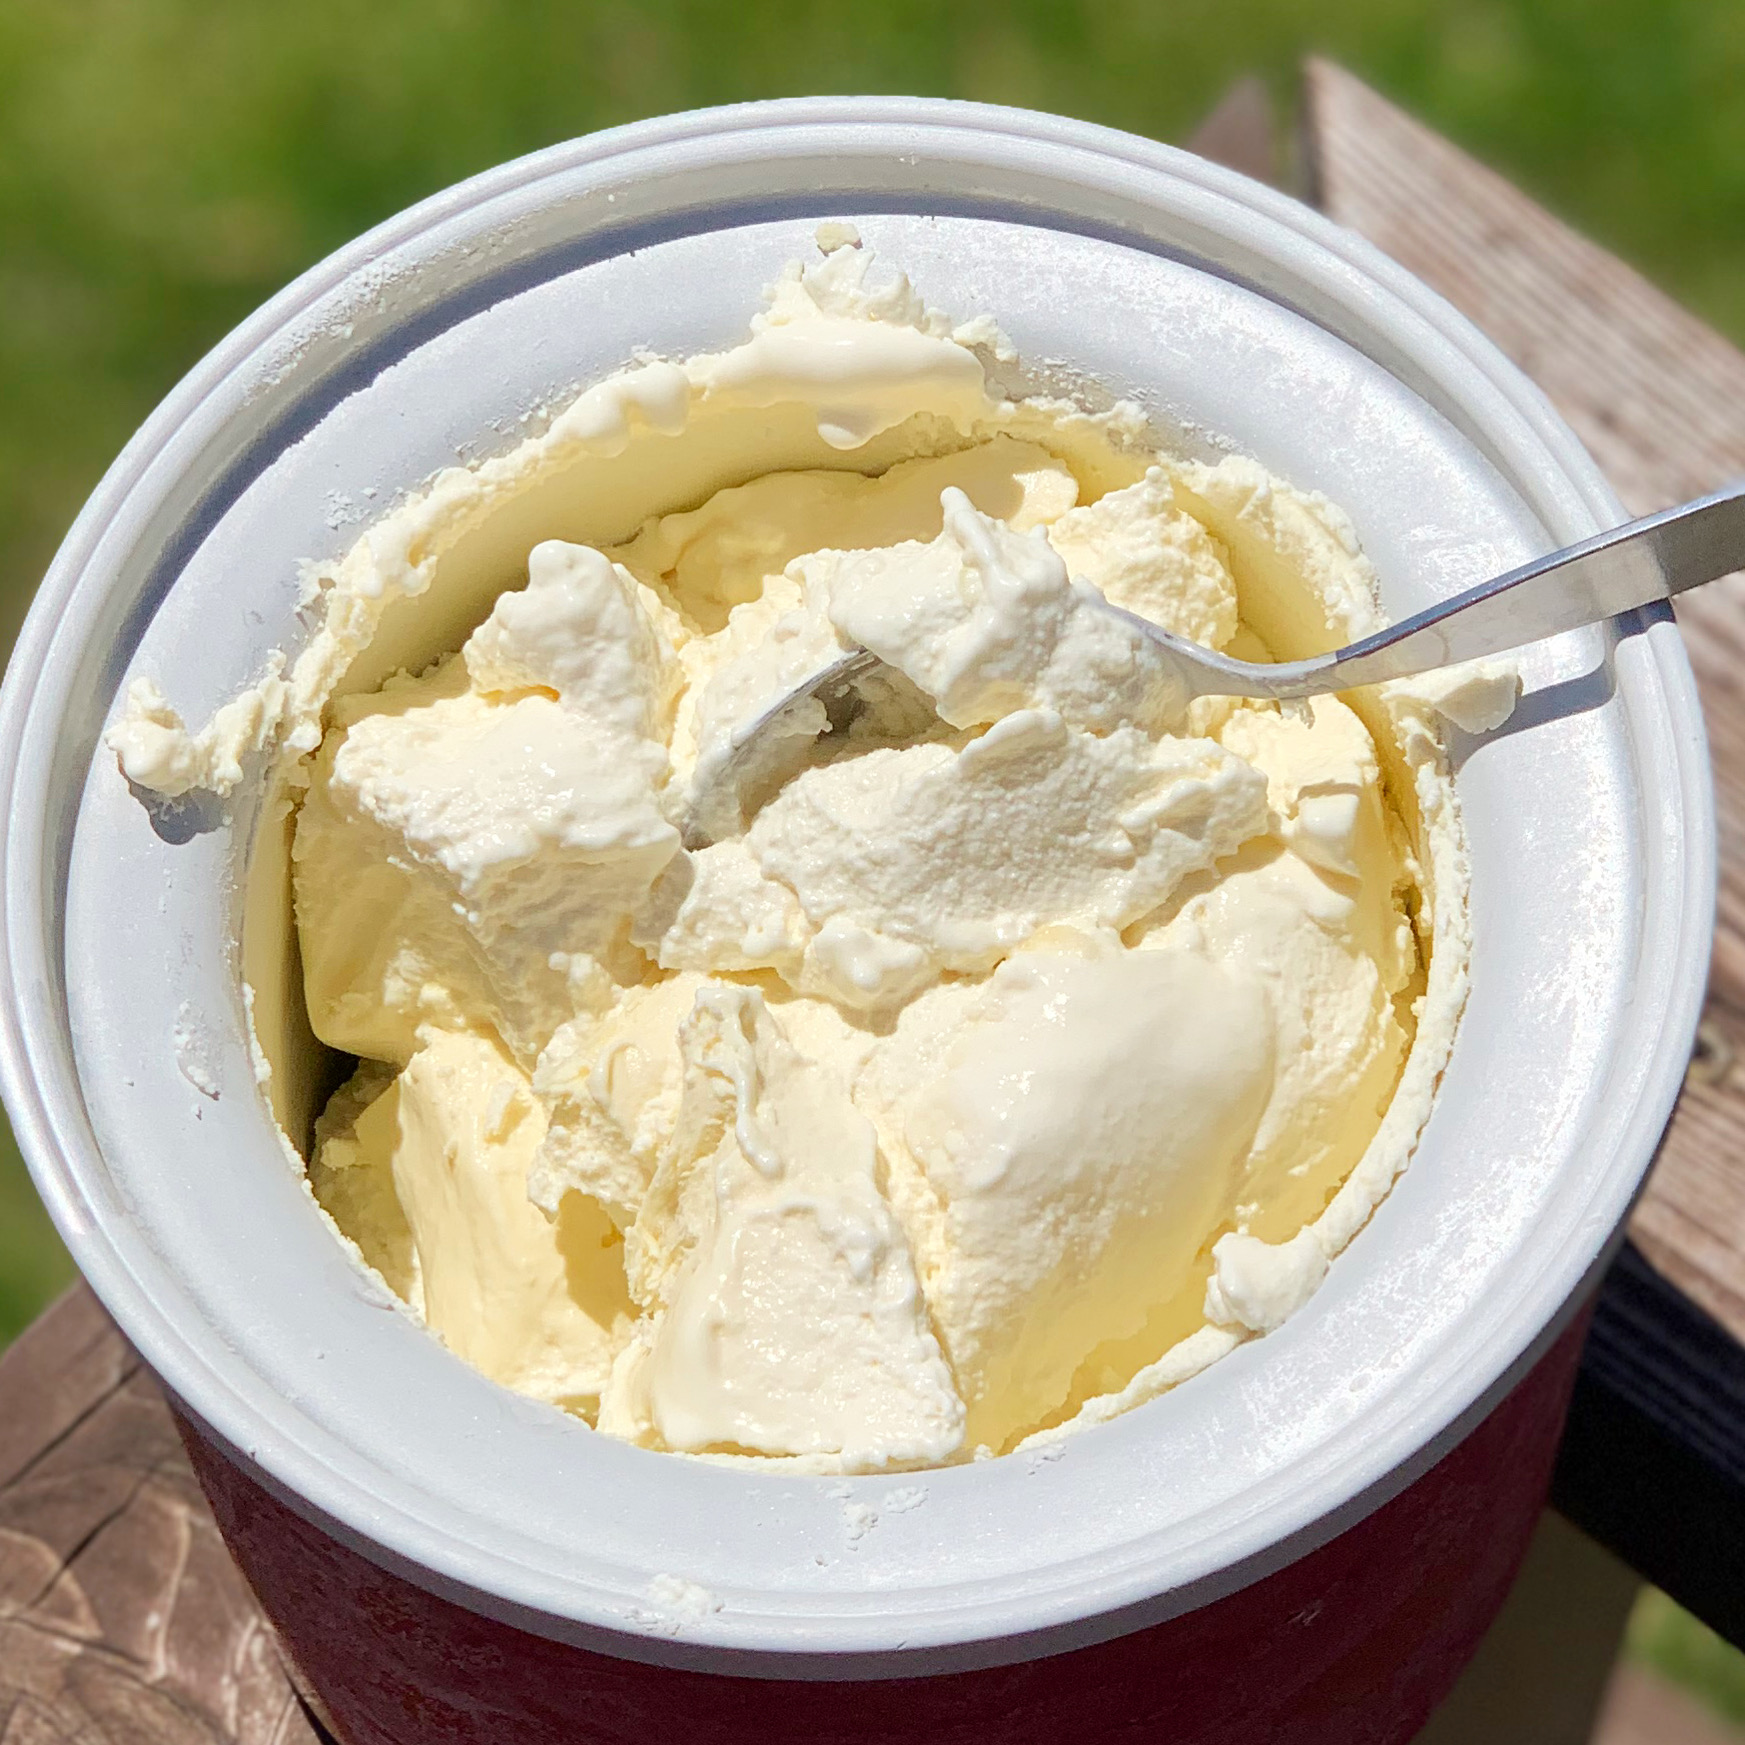 Yummy Homemade Lemon Ice Cream (Keto, GAPS, Dairy-Free)